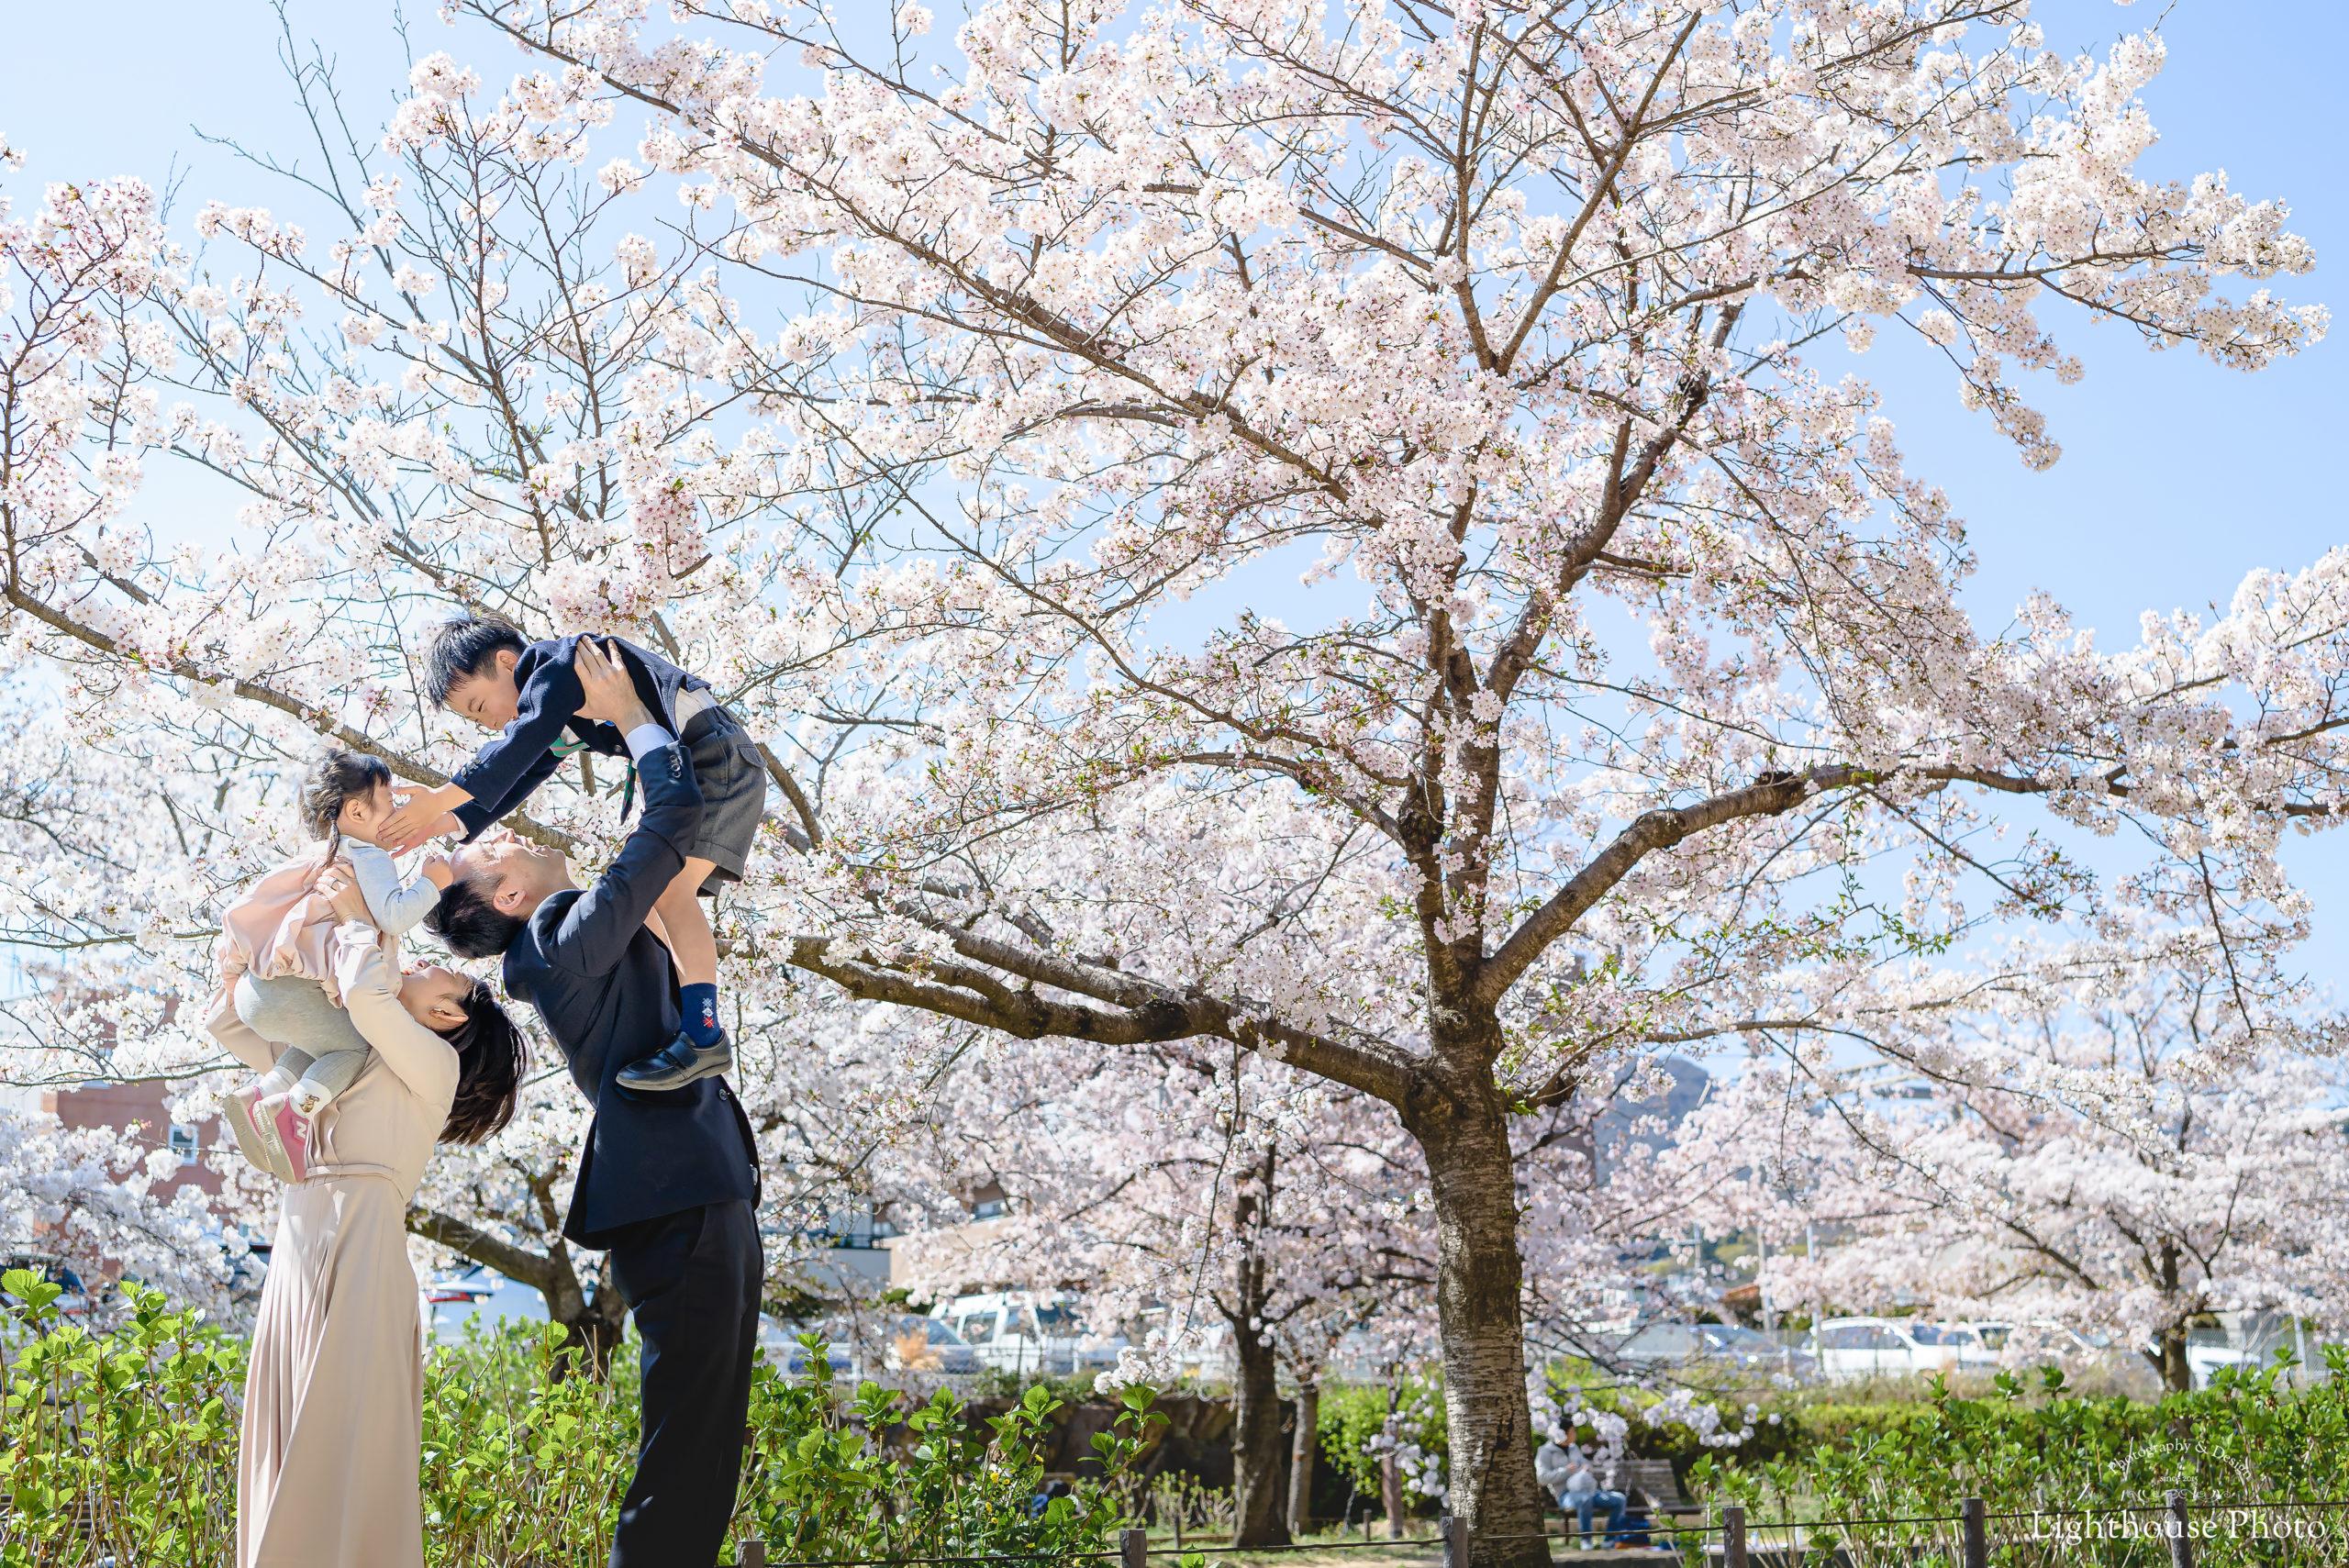 入学のお祝いに、家族みんなでロケーションフォト@夙川公園